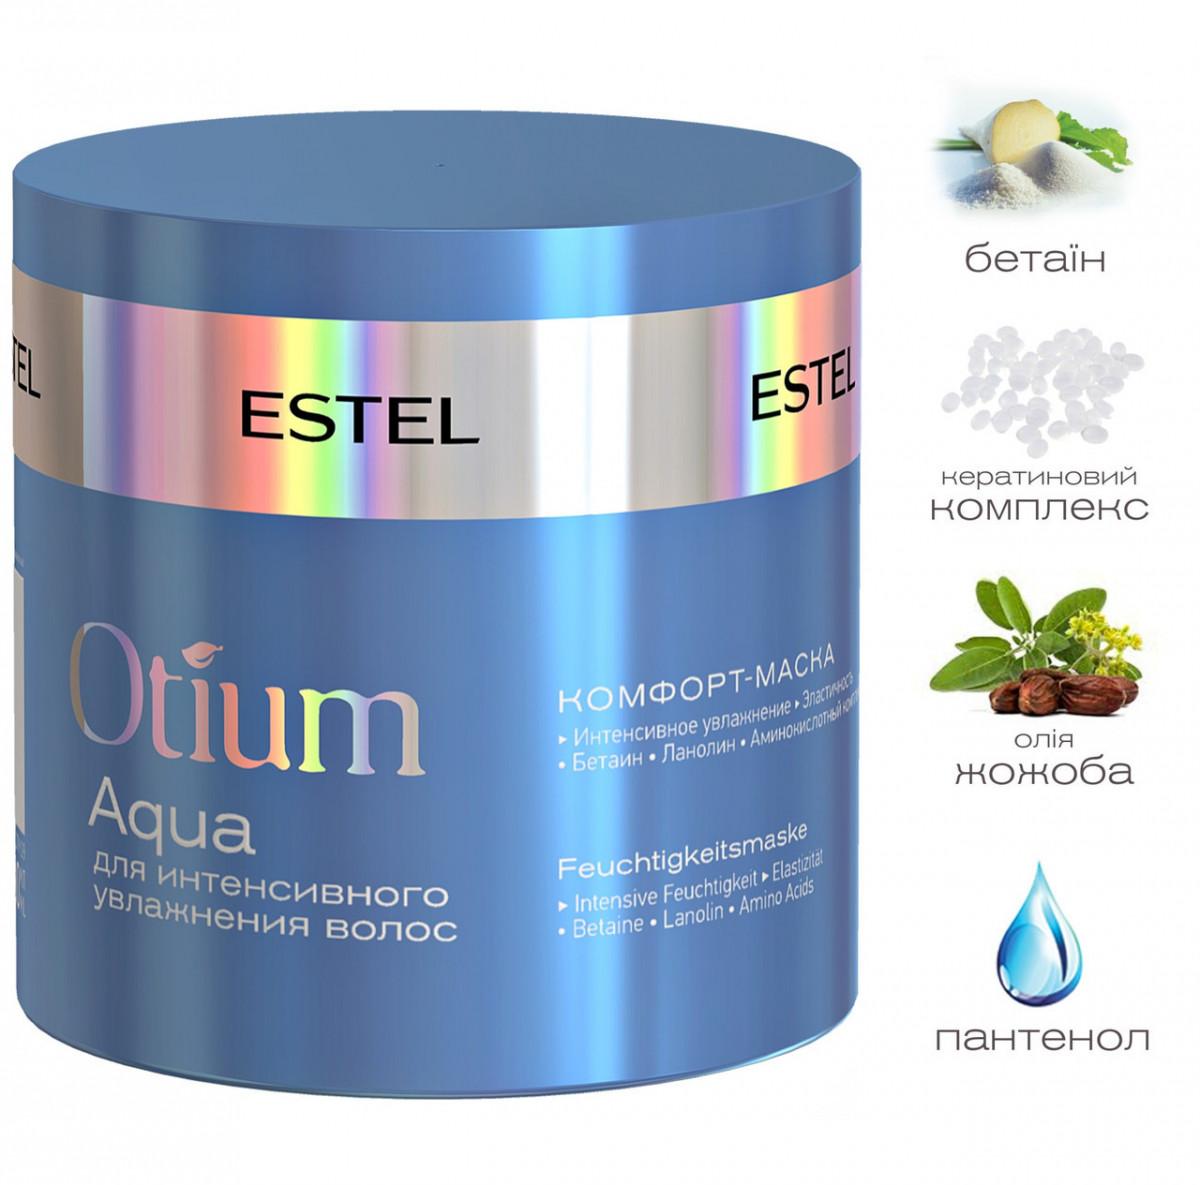 Комфорт-маска Estel OTIUM AQUA для интенсивного увлажнения волос 300 мл